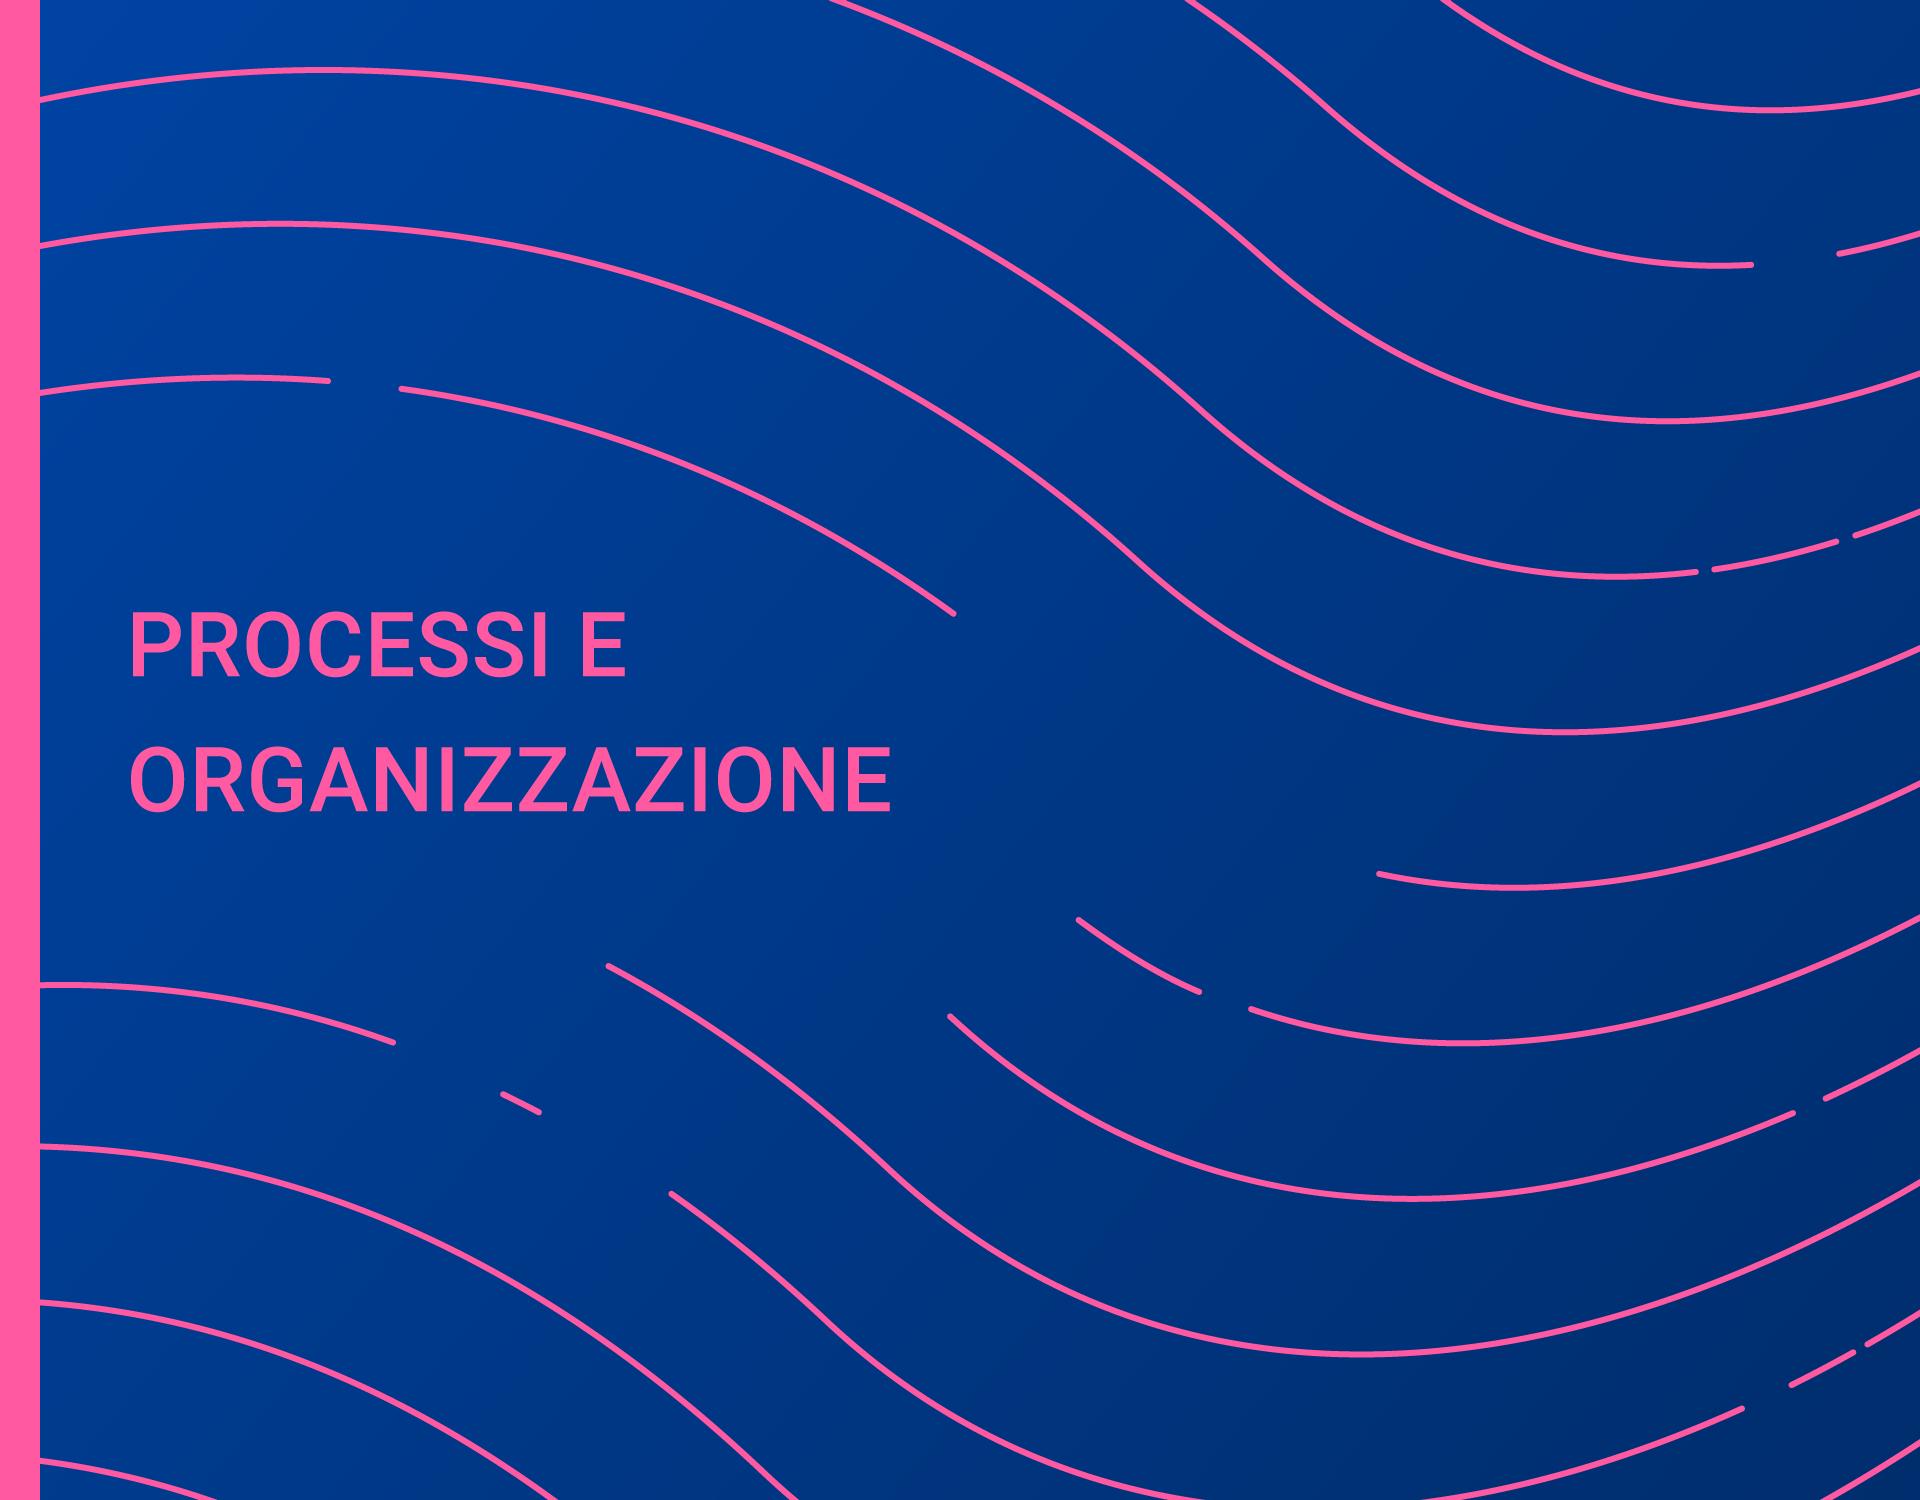 Rapporto Processi e Organizzazione 2020 - Dietro la banca digitale: processi, persone e modelli di lavoro